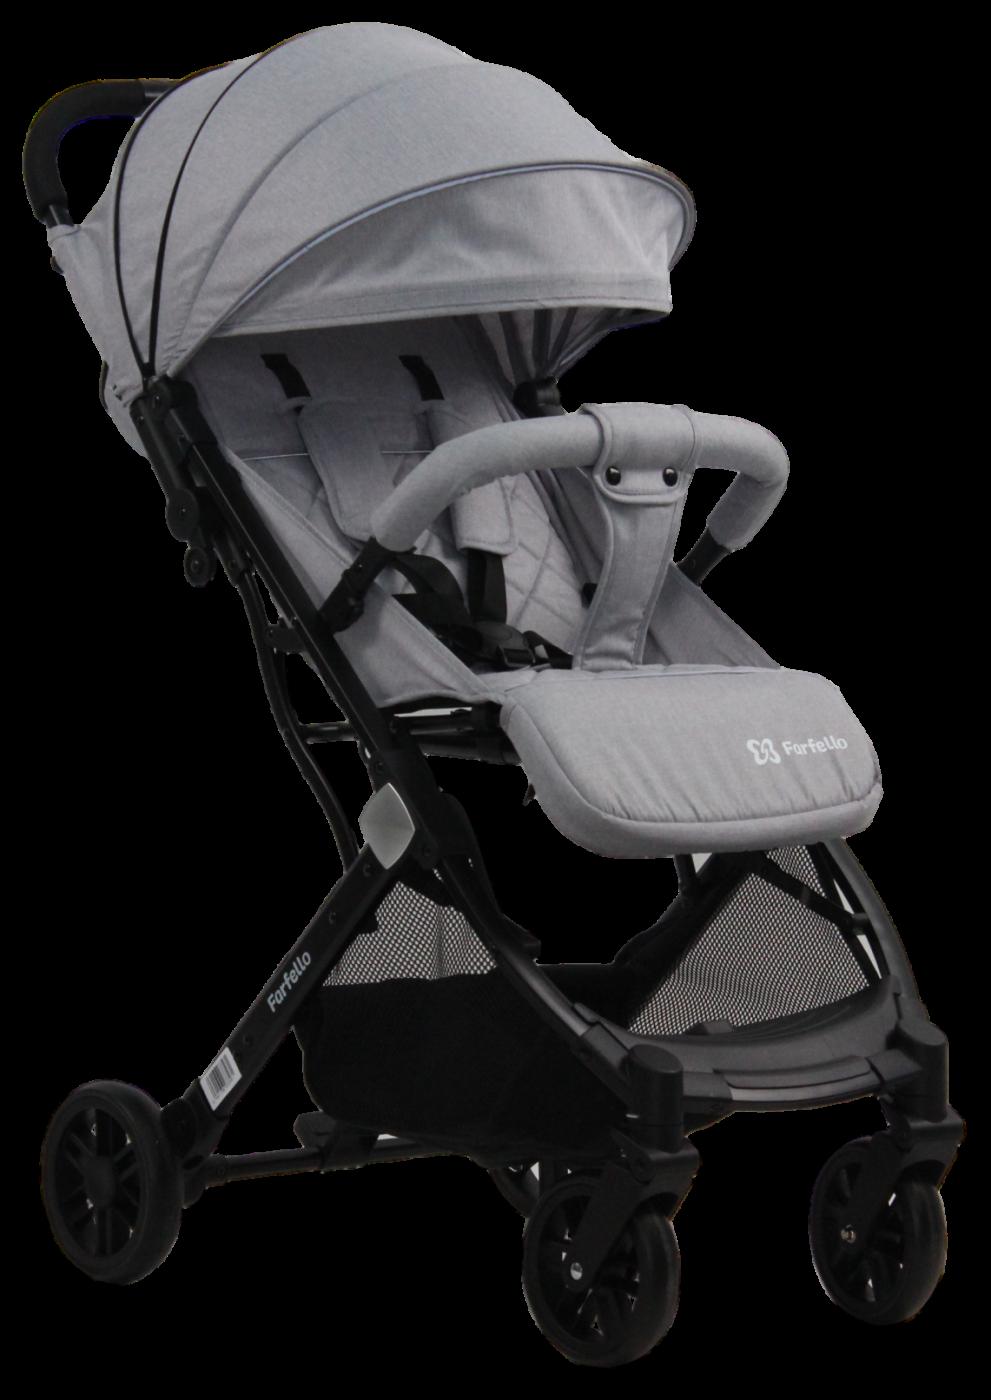 Коляска детская прогулочная Farfello Comfy Go Platinum/серый